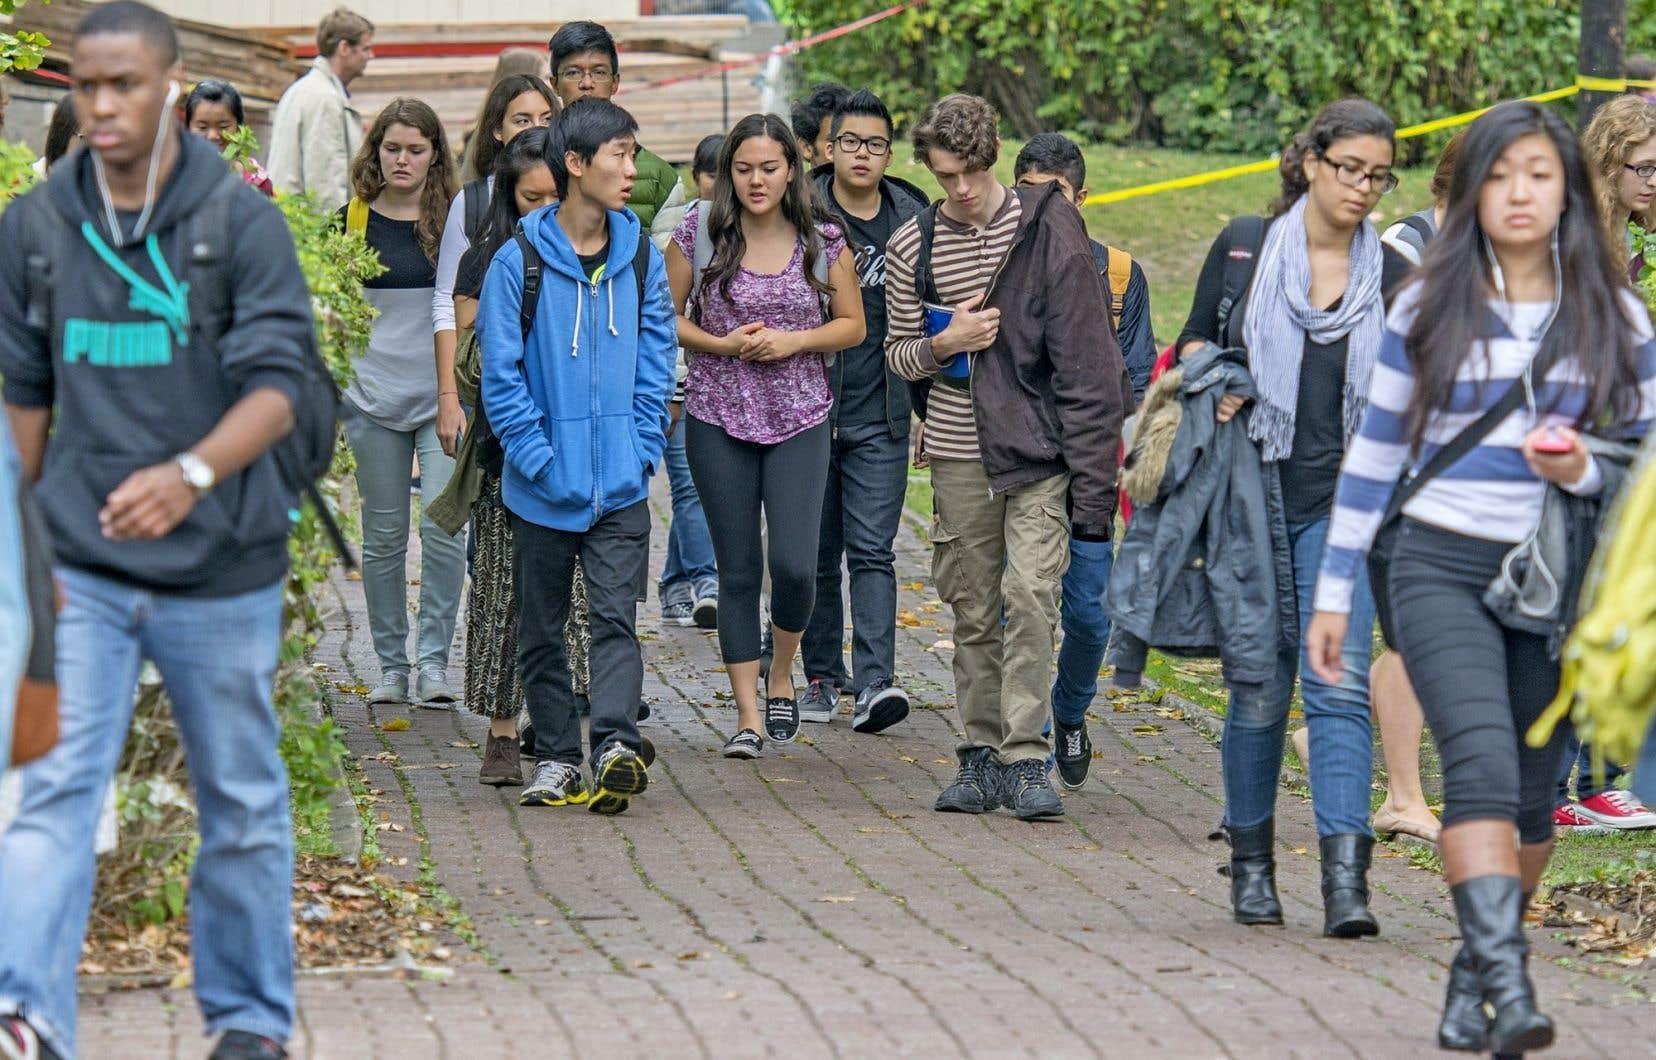 «On est invité à se rabattre sur un multiculturalisme qui nous propose plutôt un vivre-ensemble dans un Canada où toutes les cultures sont confondues», notent les auteurs du texte.